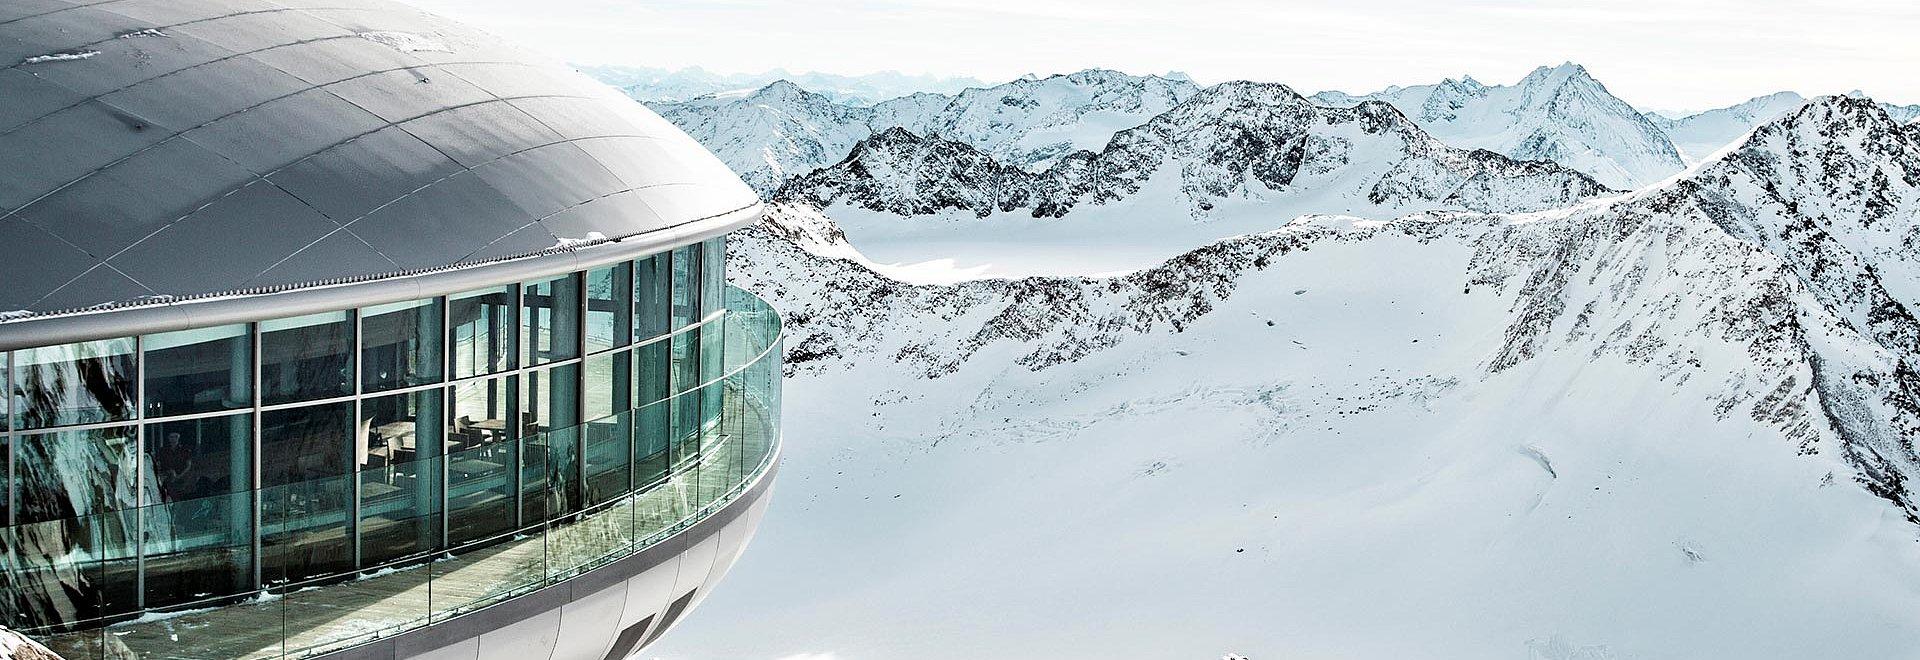 Pitztaler Gletscher im Winter